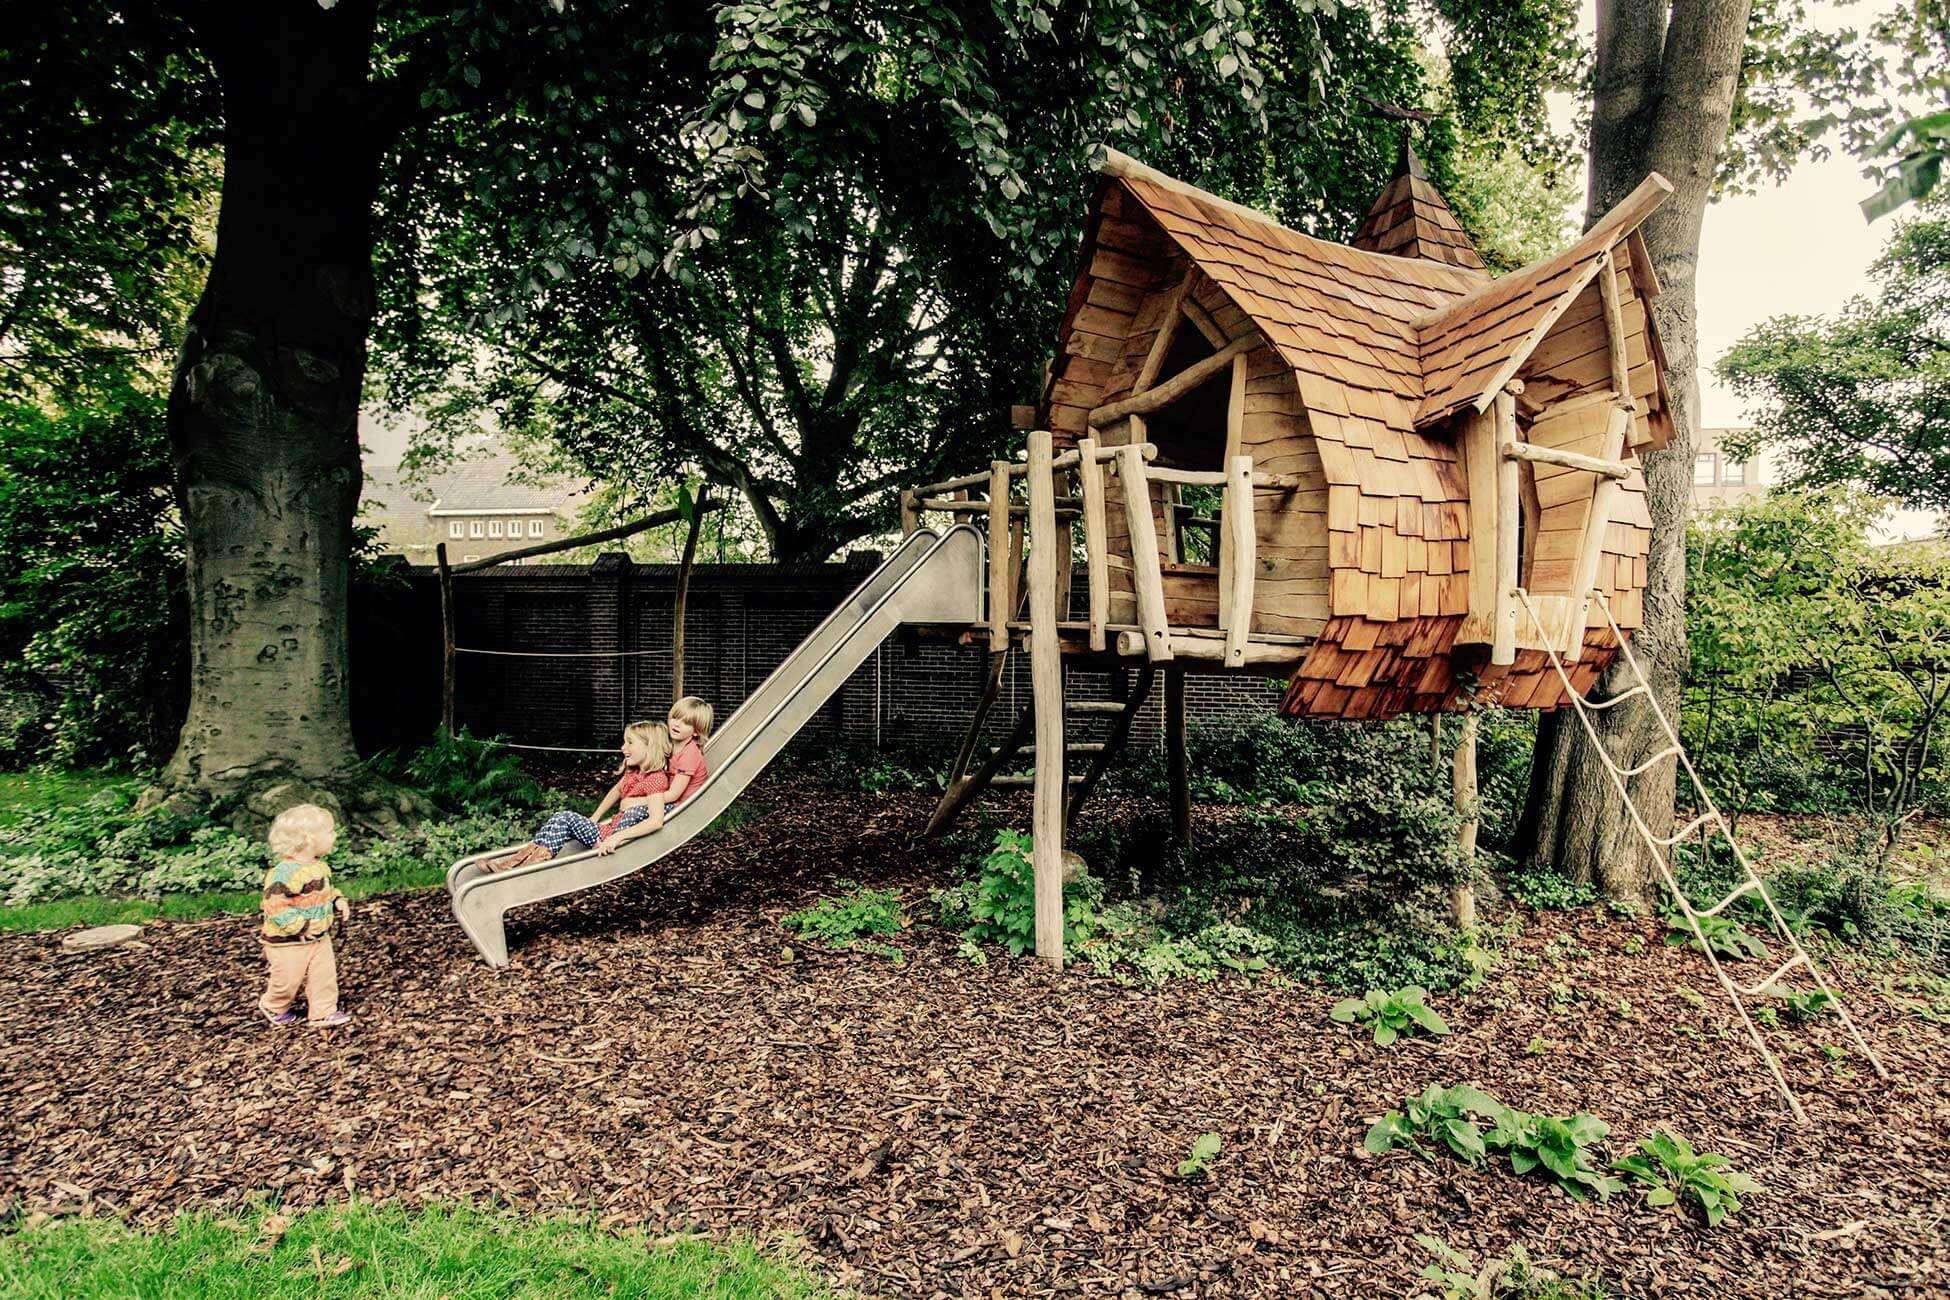 Какими бывают домики на дереве и как их построить?